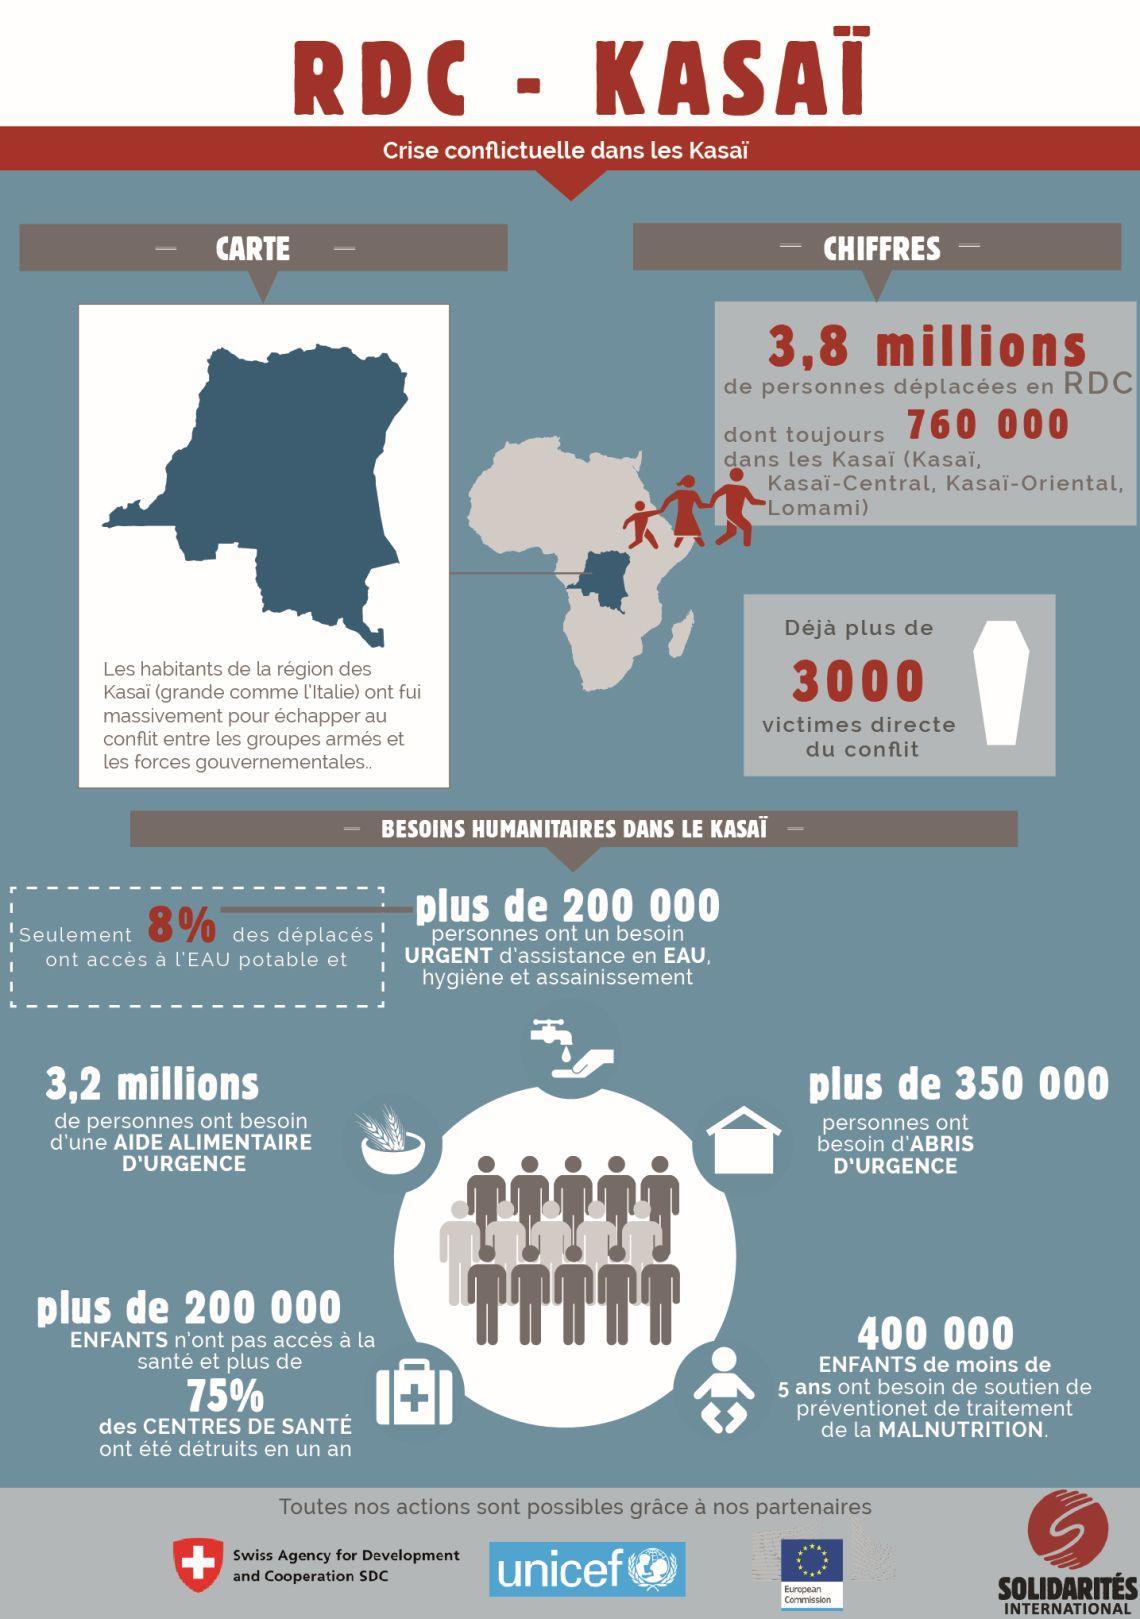 la crise au Kasaï en chiffres infographie